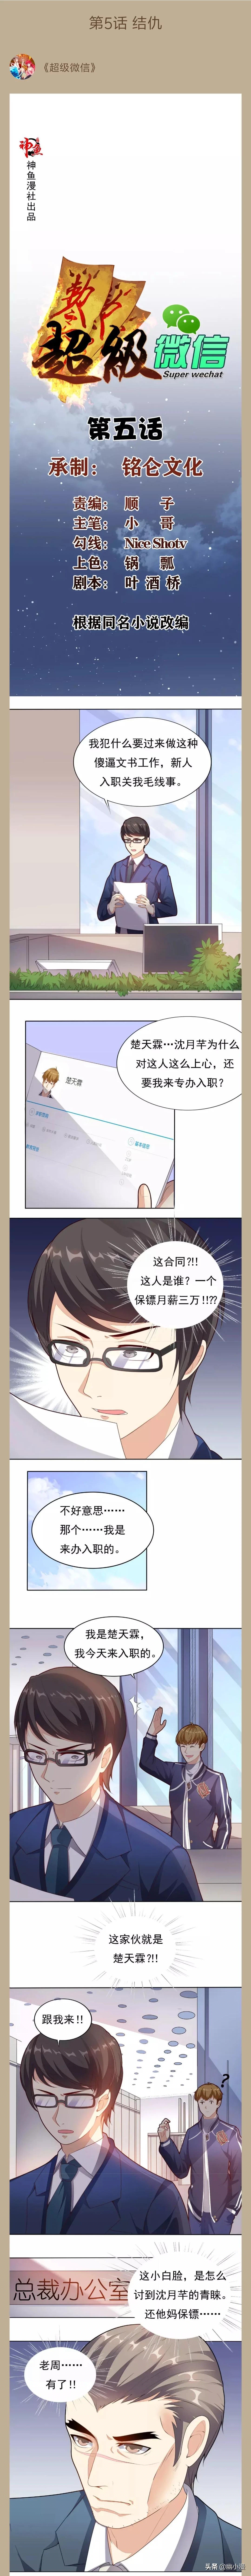 全彩漫画小说《超级微信》-第05话-结仇